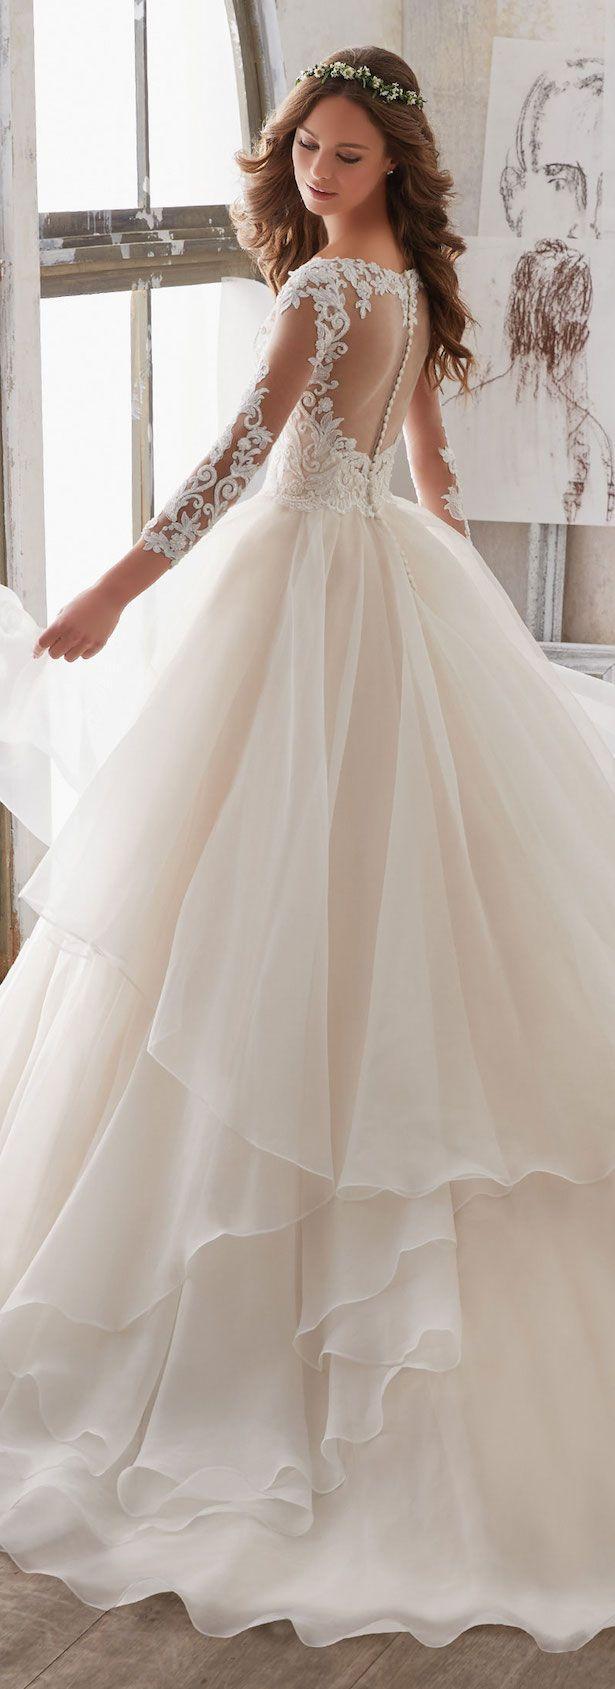 Свадьба - Mori Lee By Madeline Gardner Wedding Dress Collection : Blu Spring 2017